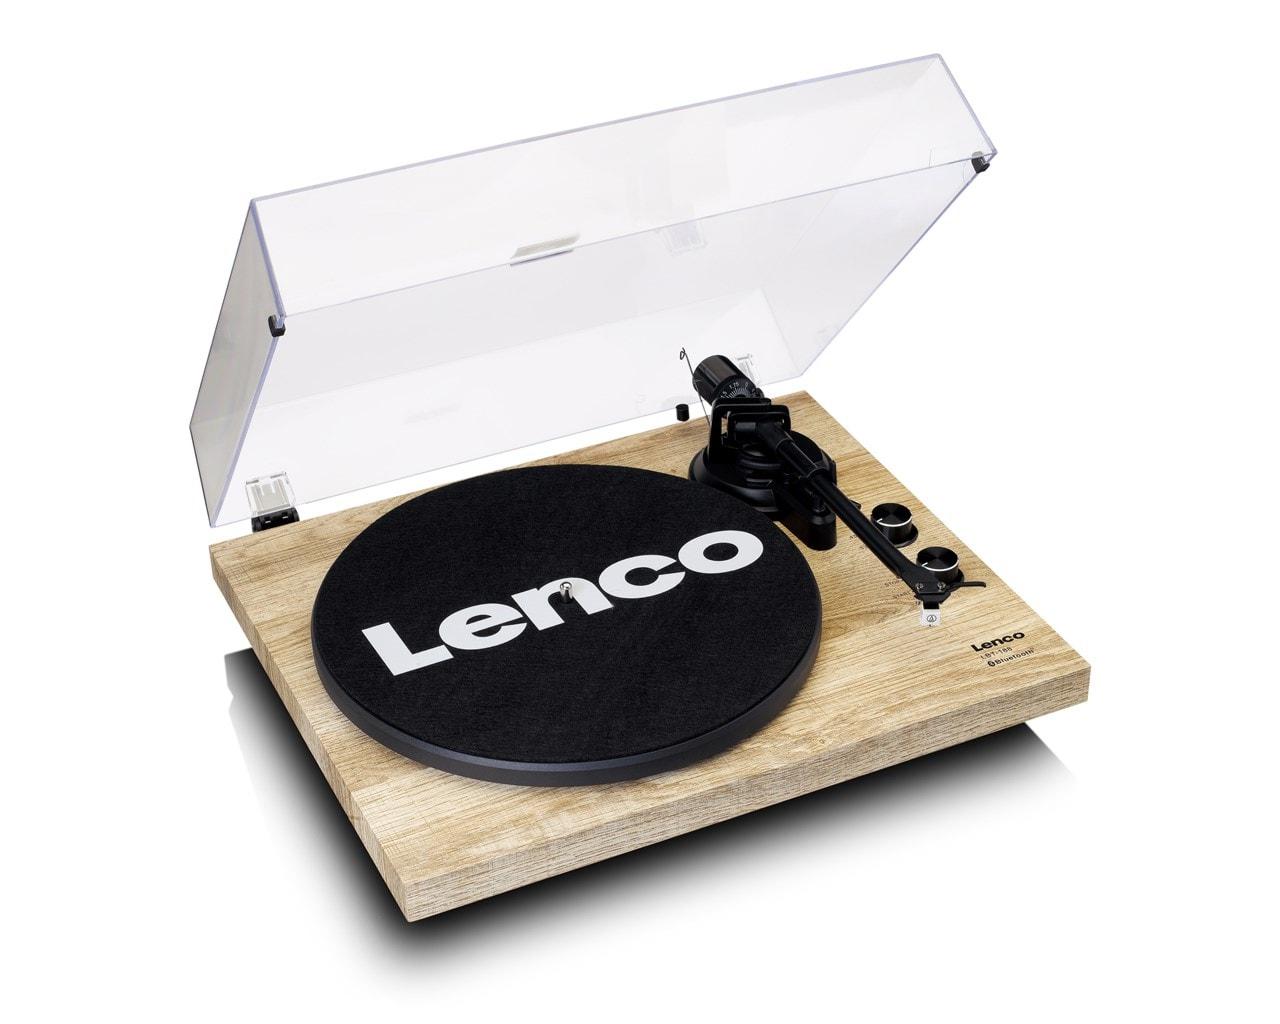 Lenco LBT-188 Pine Bluetooth Turntable - 2